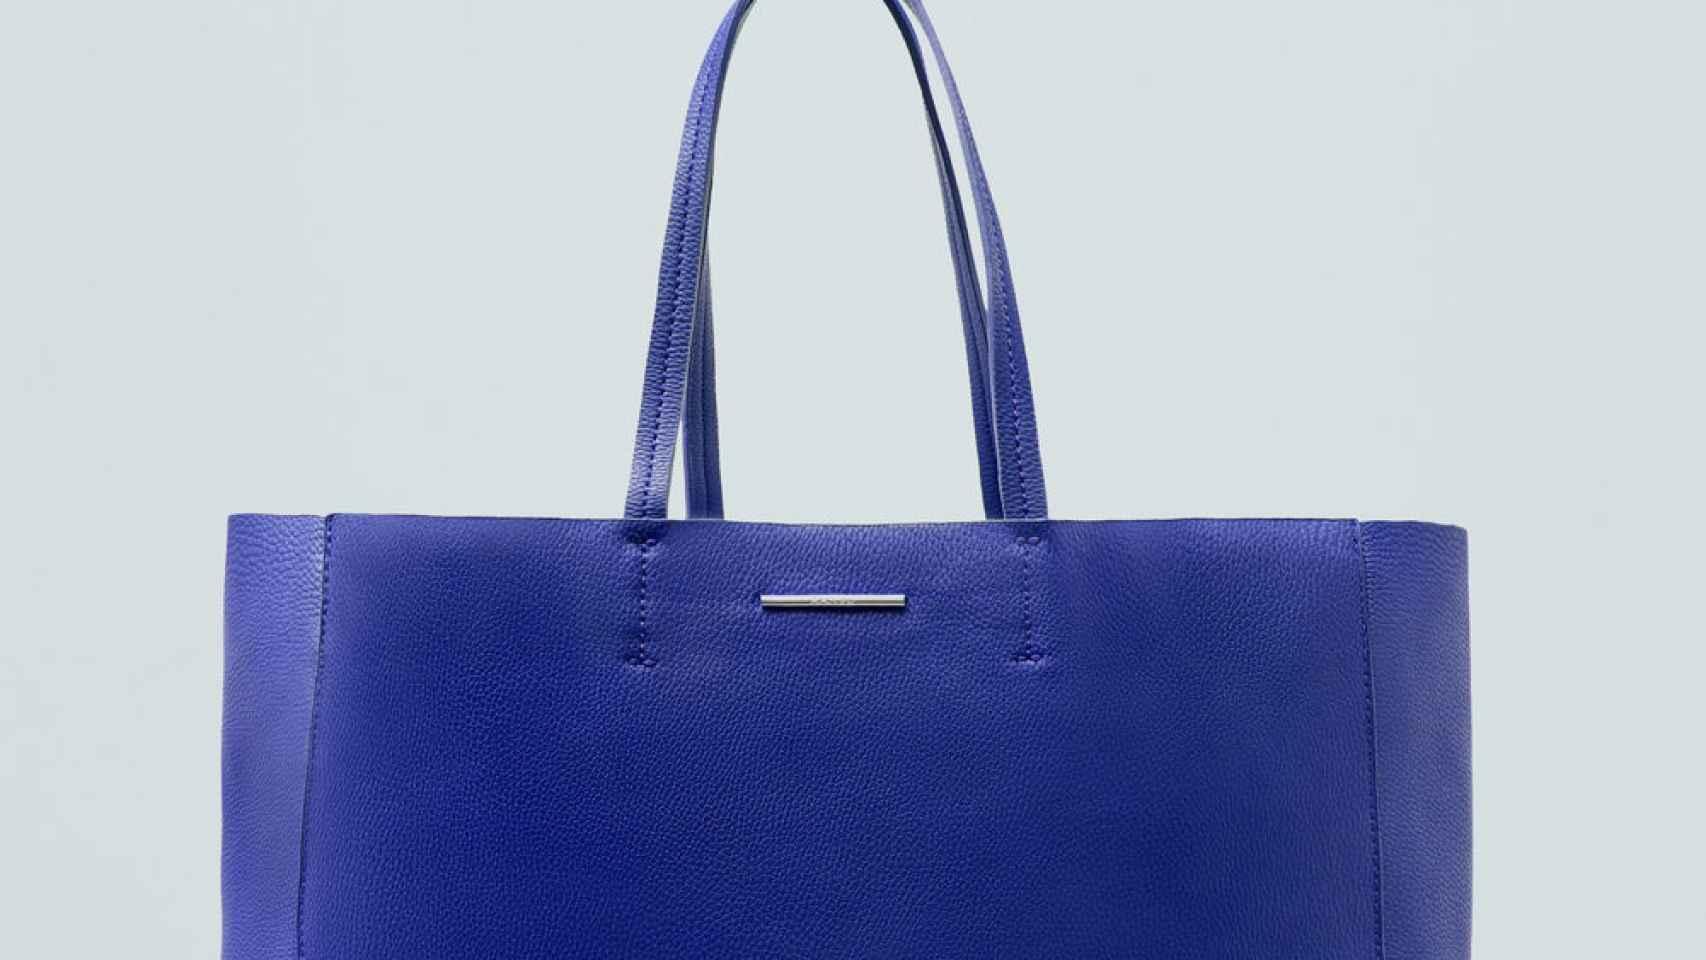 Shop Bag de Mango (25,99 Euros)